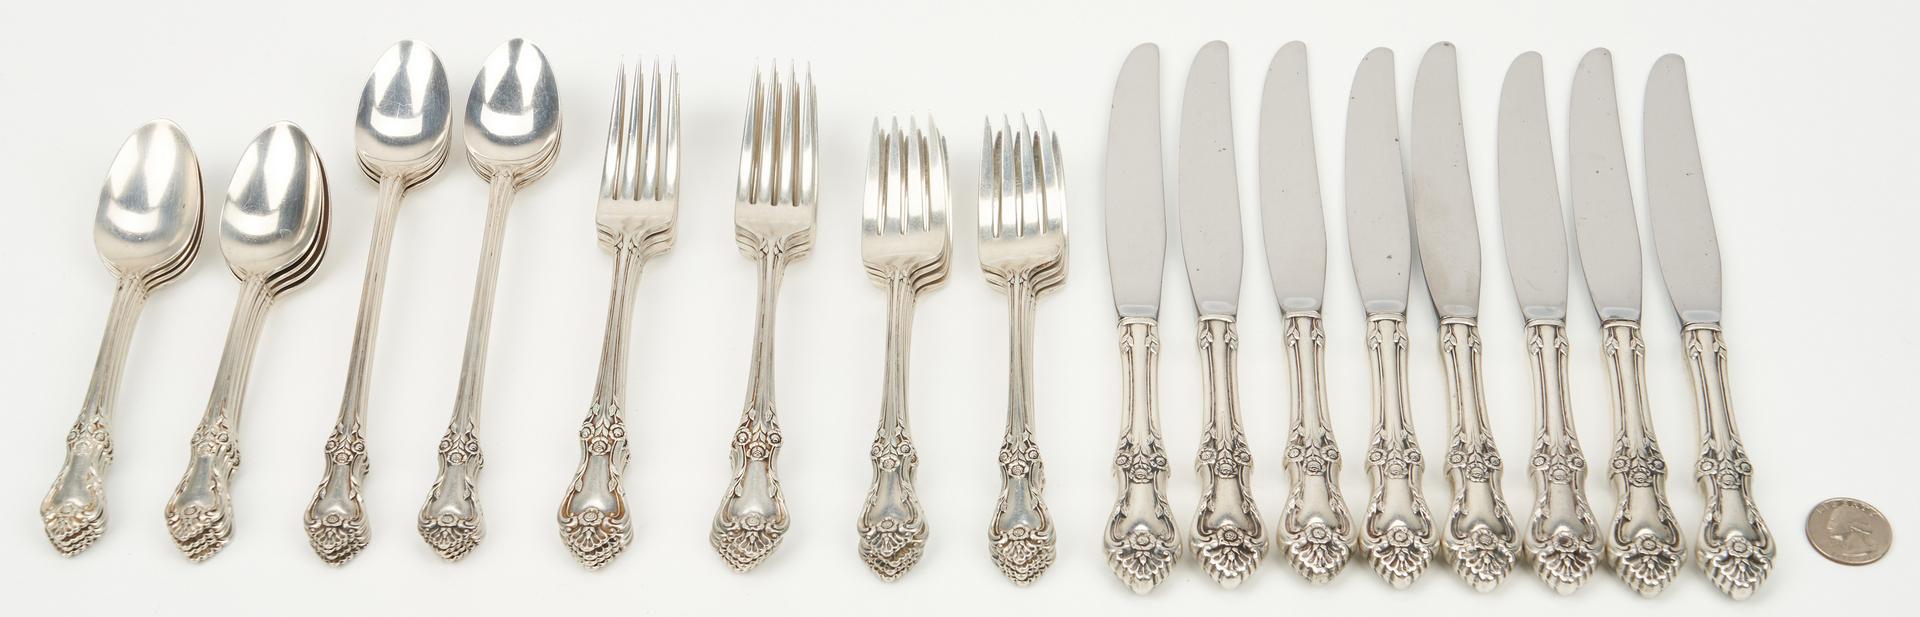 Lot 457: 40 Pcs. Sterling Silver Flatware, incl. Oneida